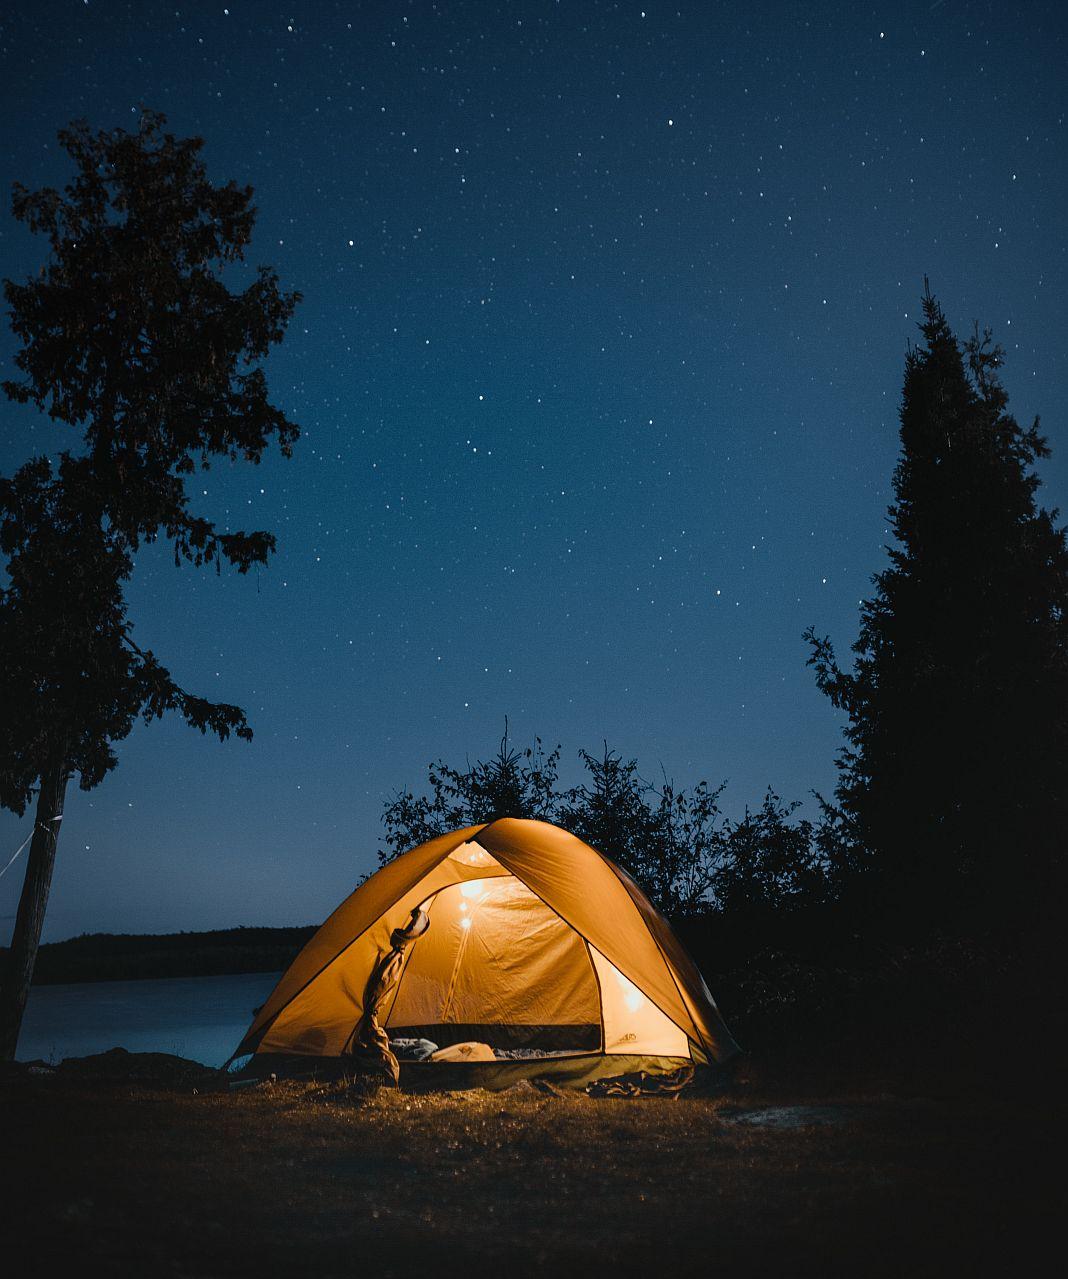 Aufgebautes Zelt bei Nacht unter sternenklarem Himmel.